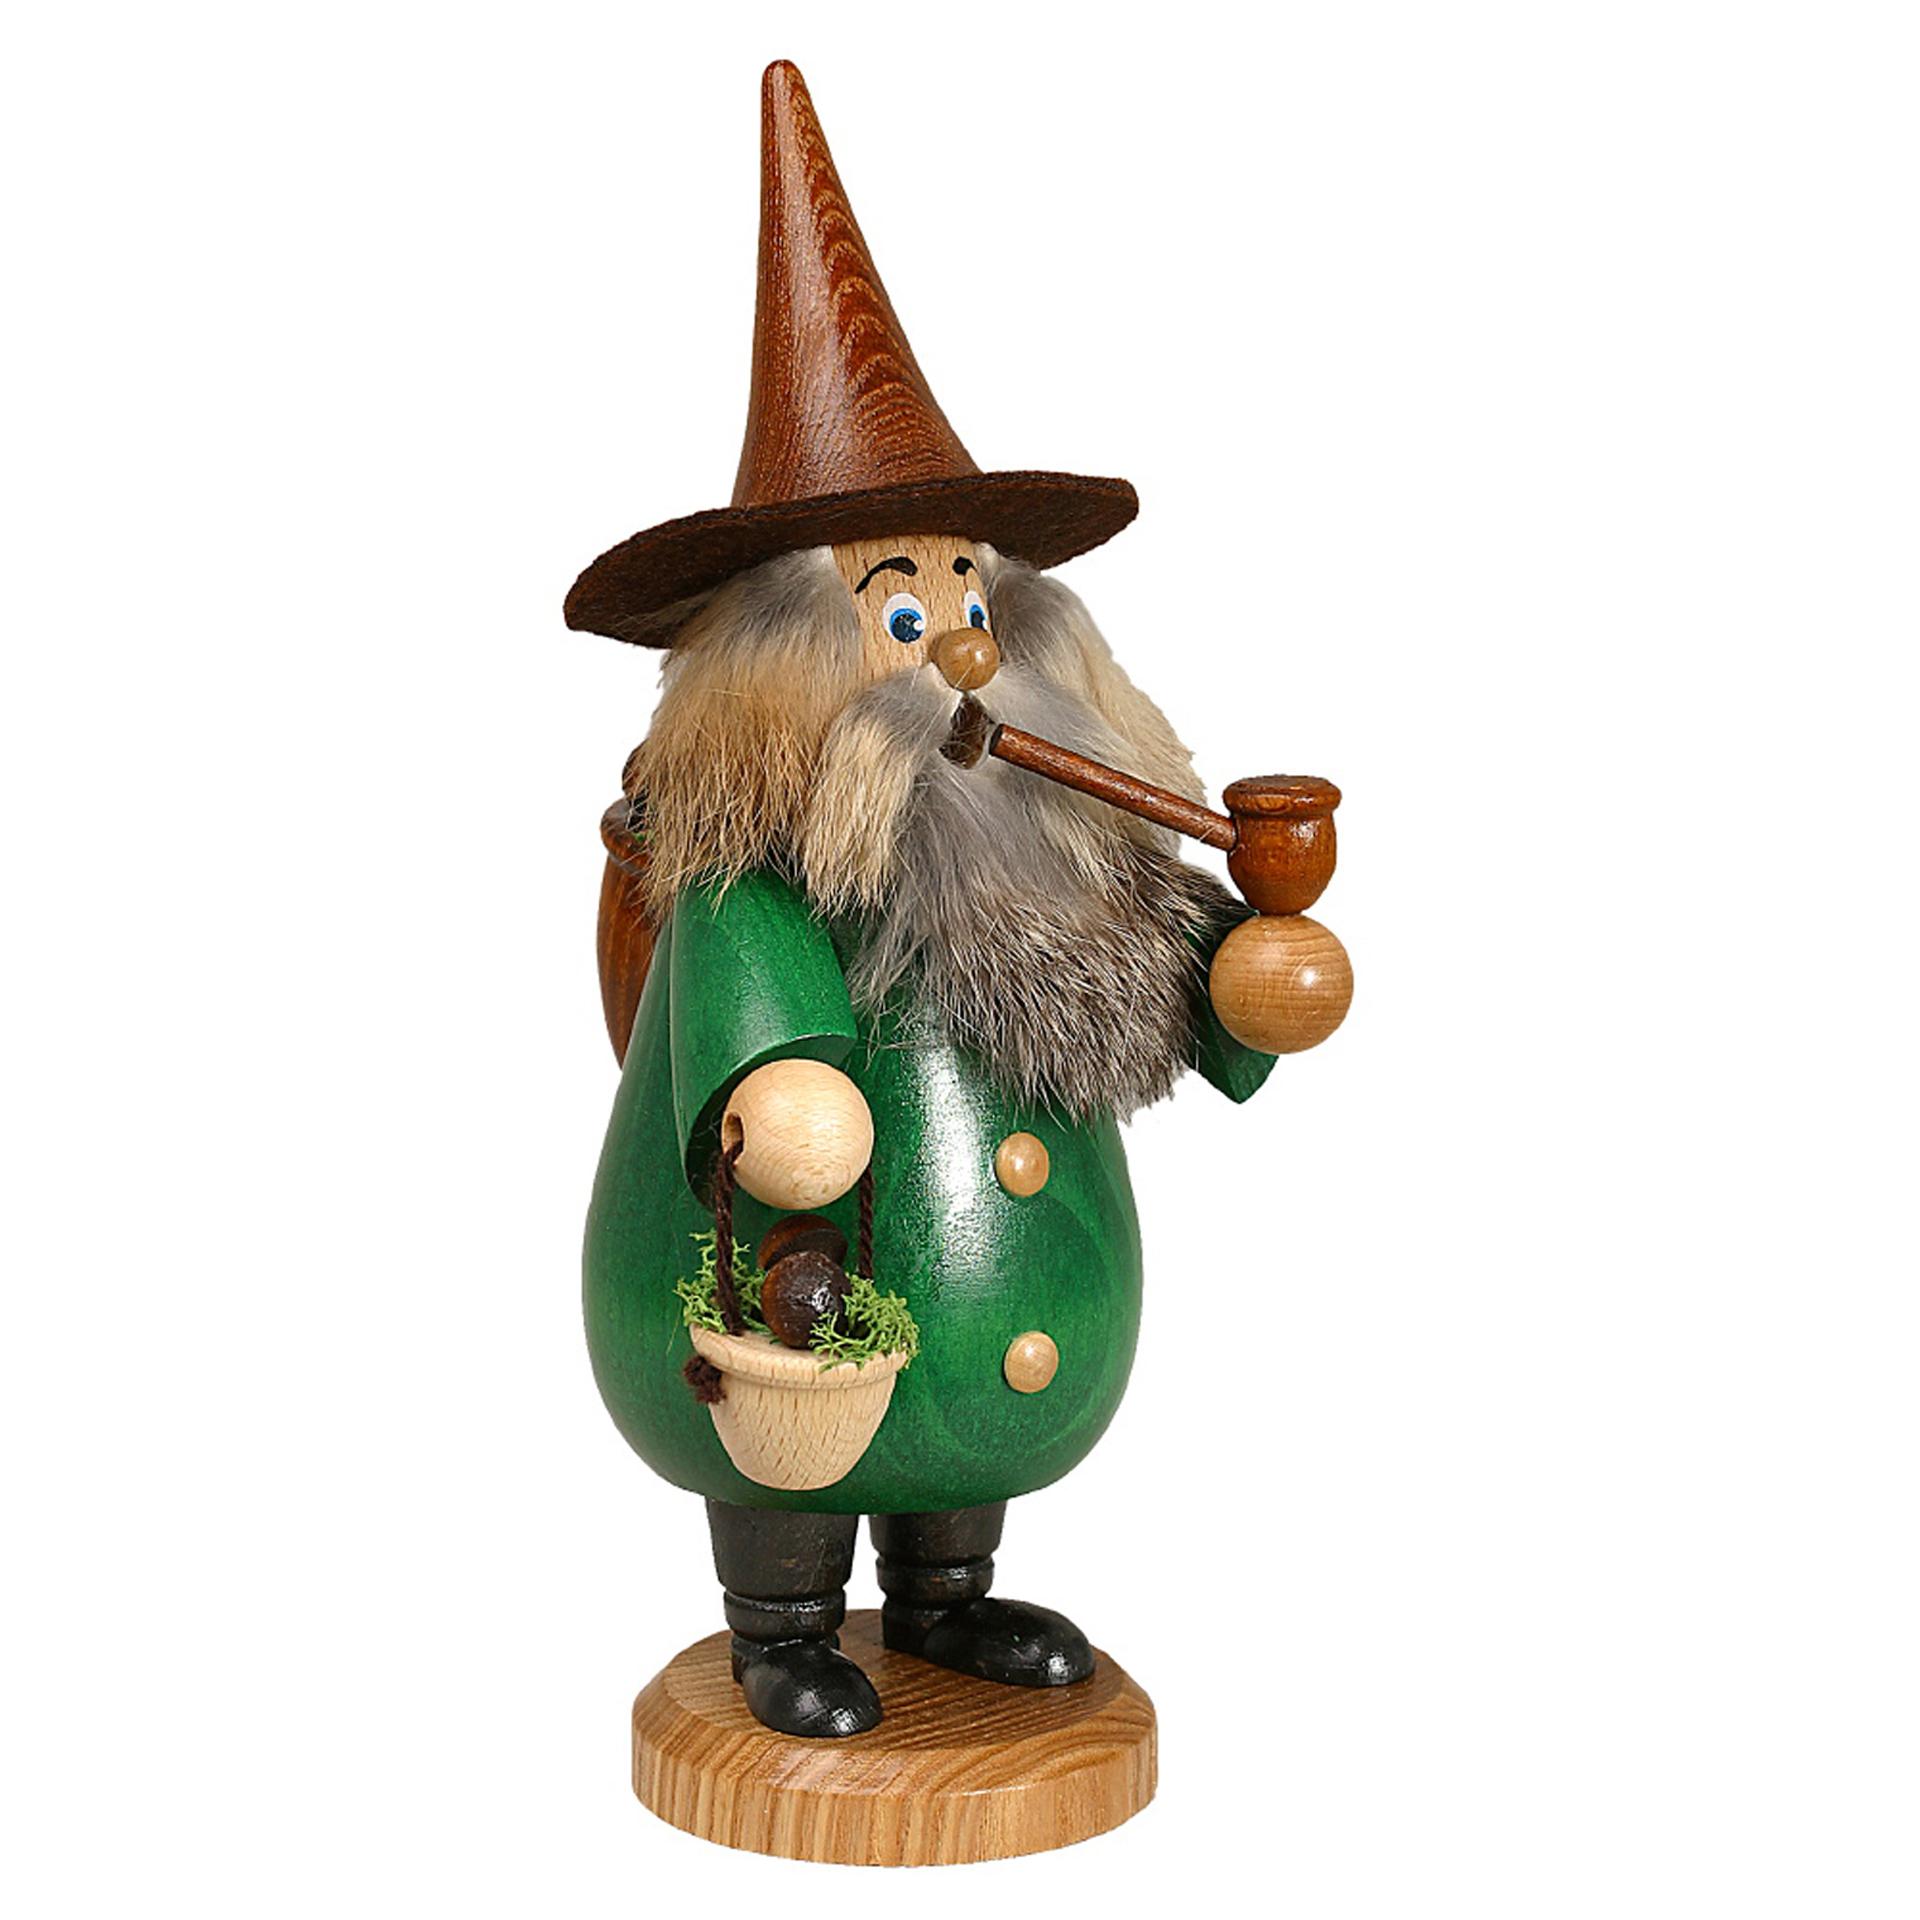 Rauchfigur Wurzelzwerg Pilzsammler, grün